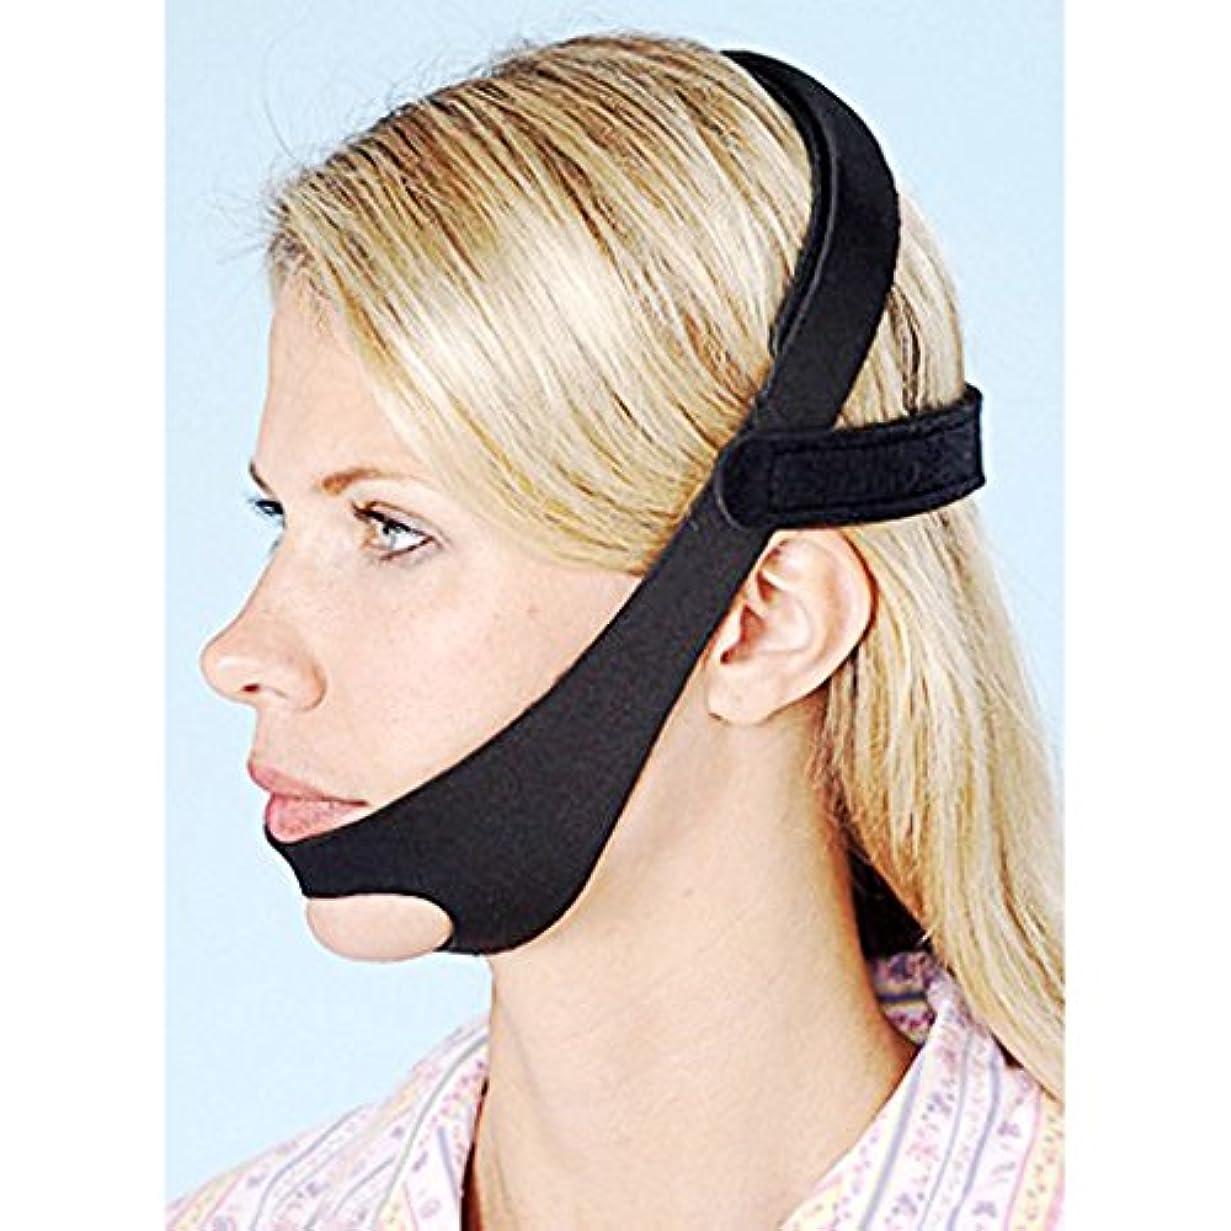 ロンドン歴史絵DH 2018新しくいびき予防 調整可能なアンチSnoringチンストラップは、男性と女性のためにいびきのいびきSnore Relief Jaw Support Stop Snoring Solution DAHAN